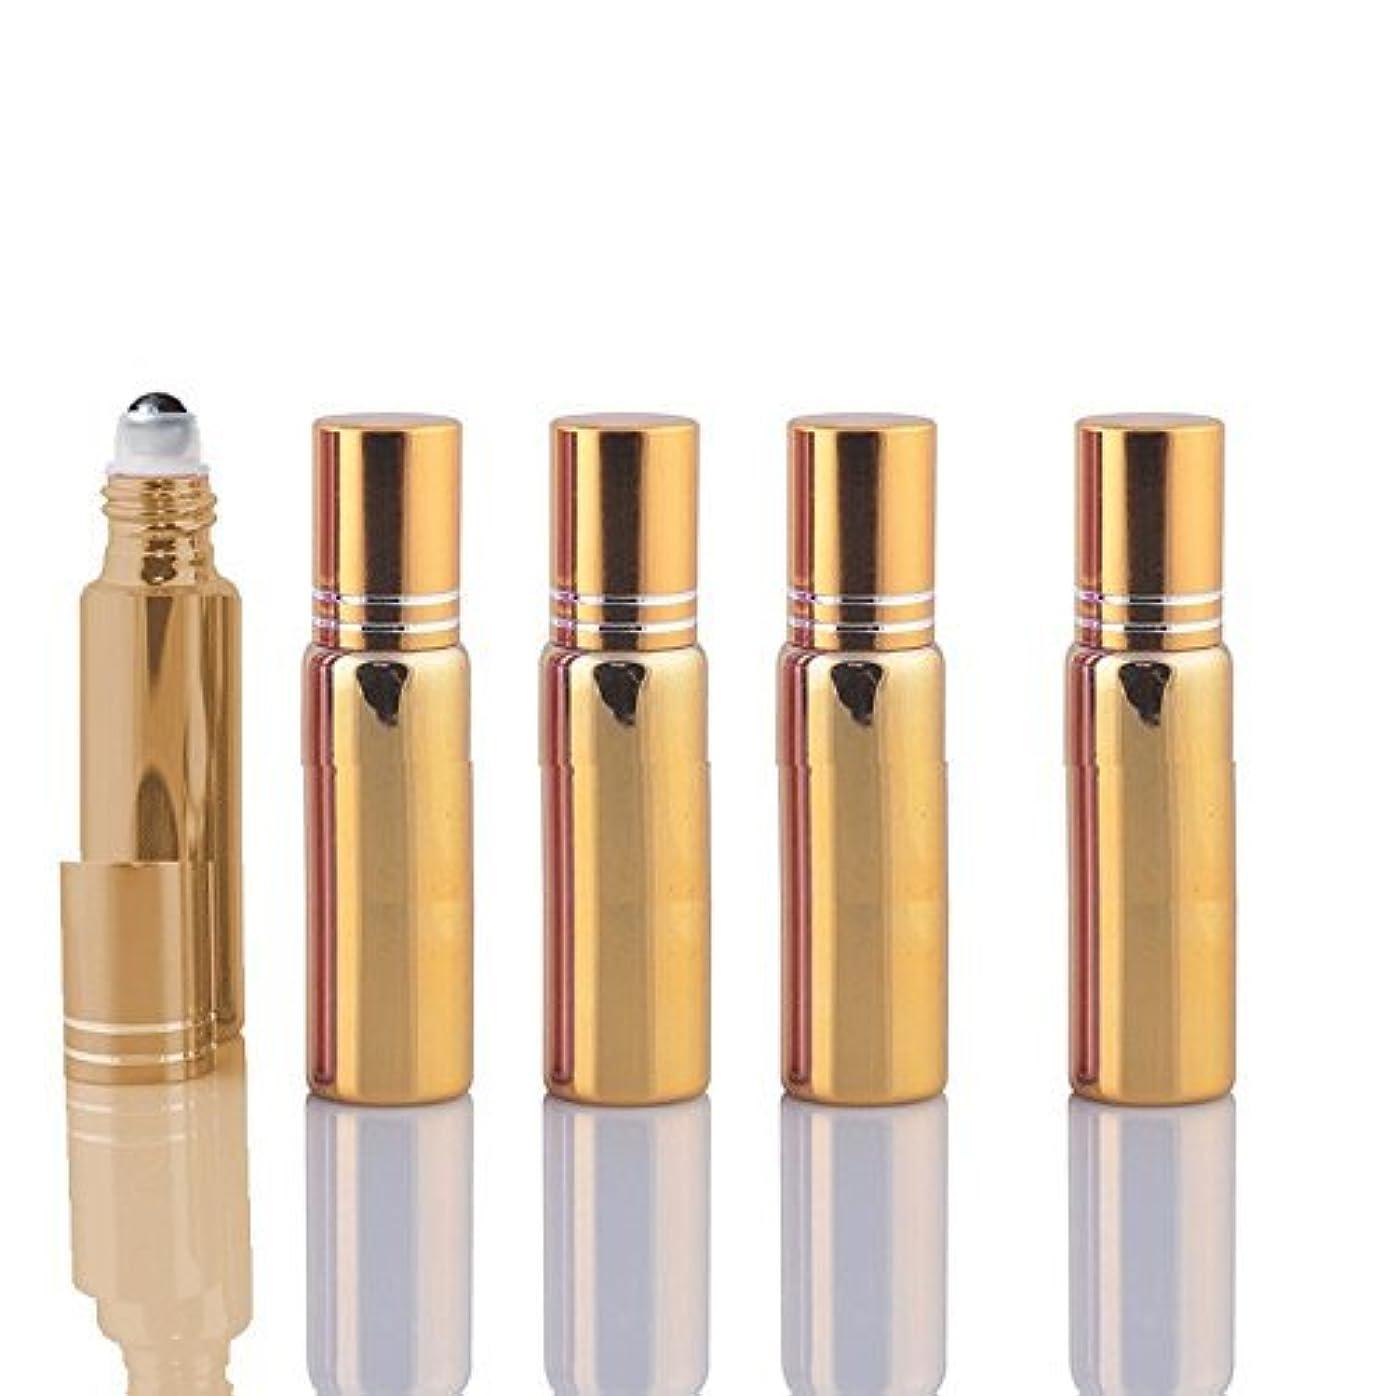 あたたかい砂利モバイル10 Sets Colored 5ml UV Coated Glass Roller Ball Refillable Rollon Bottles Grand Parfums with Stainless Steel Rollers...